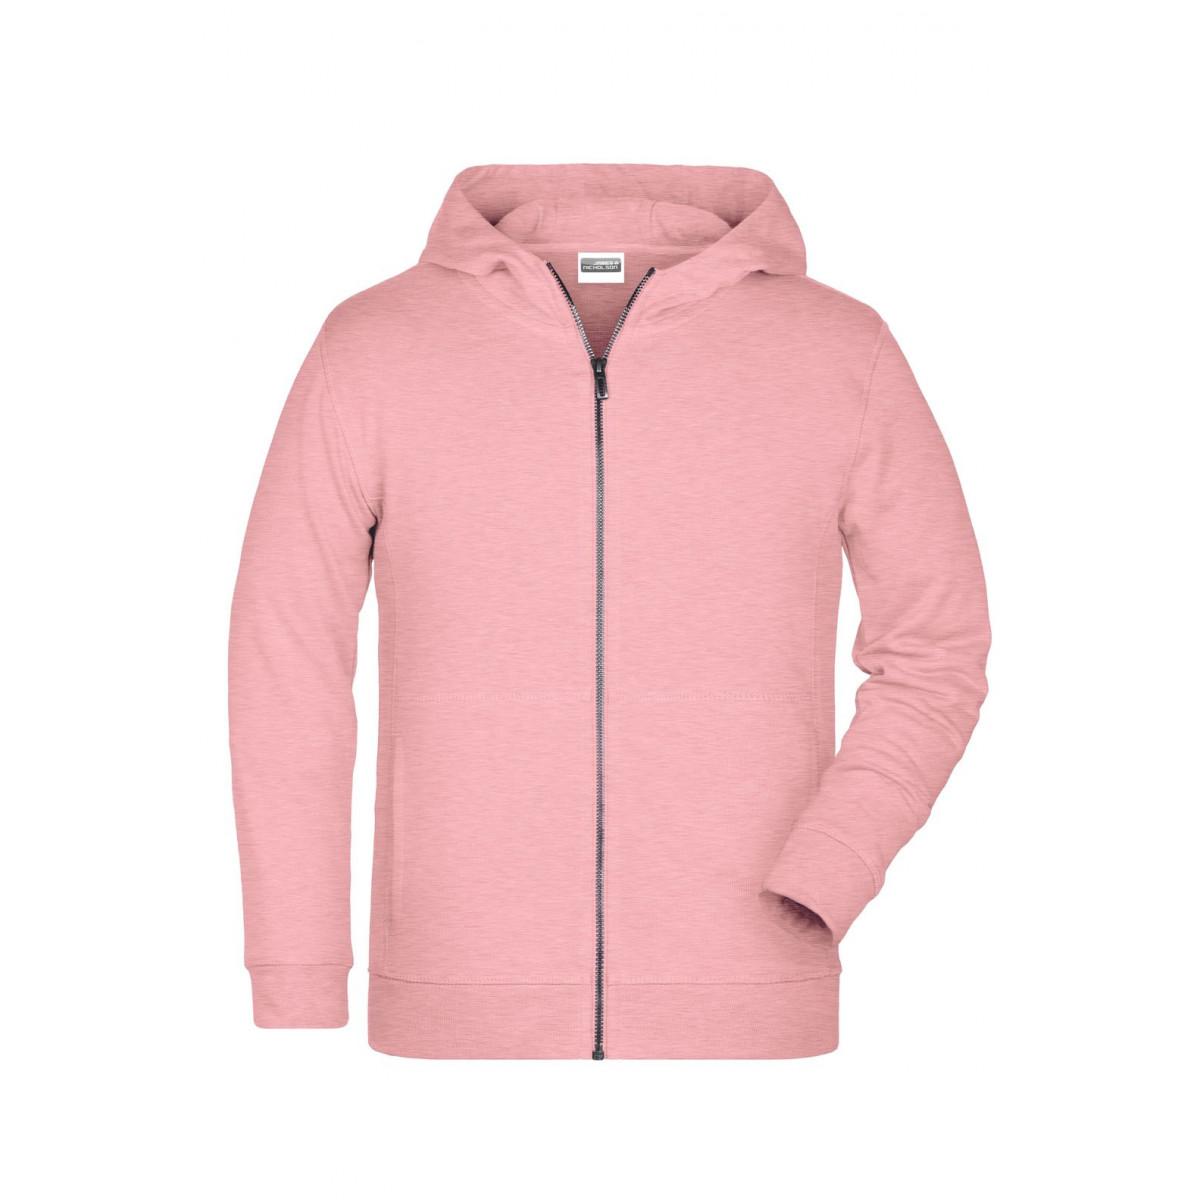 Толстовка детская 8026K Childrens Zip Hoody - Нежно-розовый